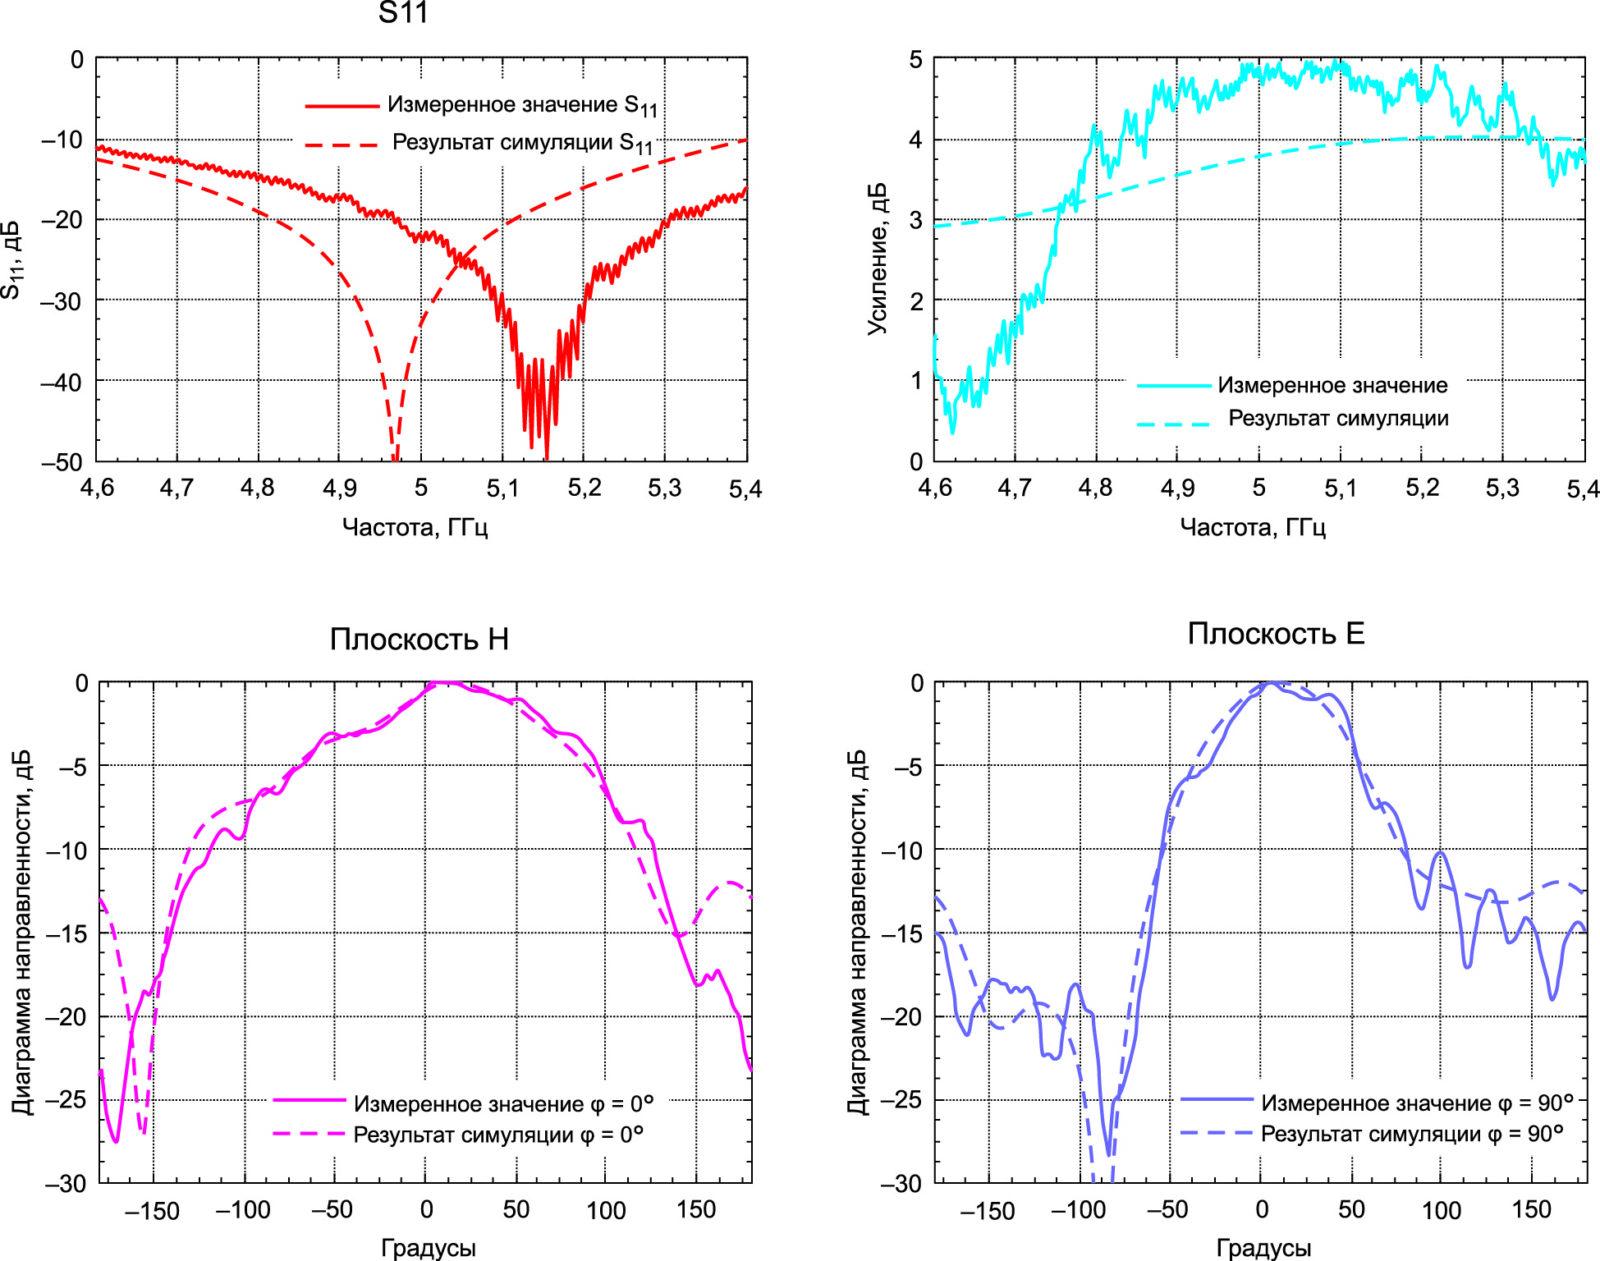 Рис. 6. Сравнение результатов моделирования и измерений (авторы изображения Д. Шен и Д. С. Рикеттс)